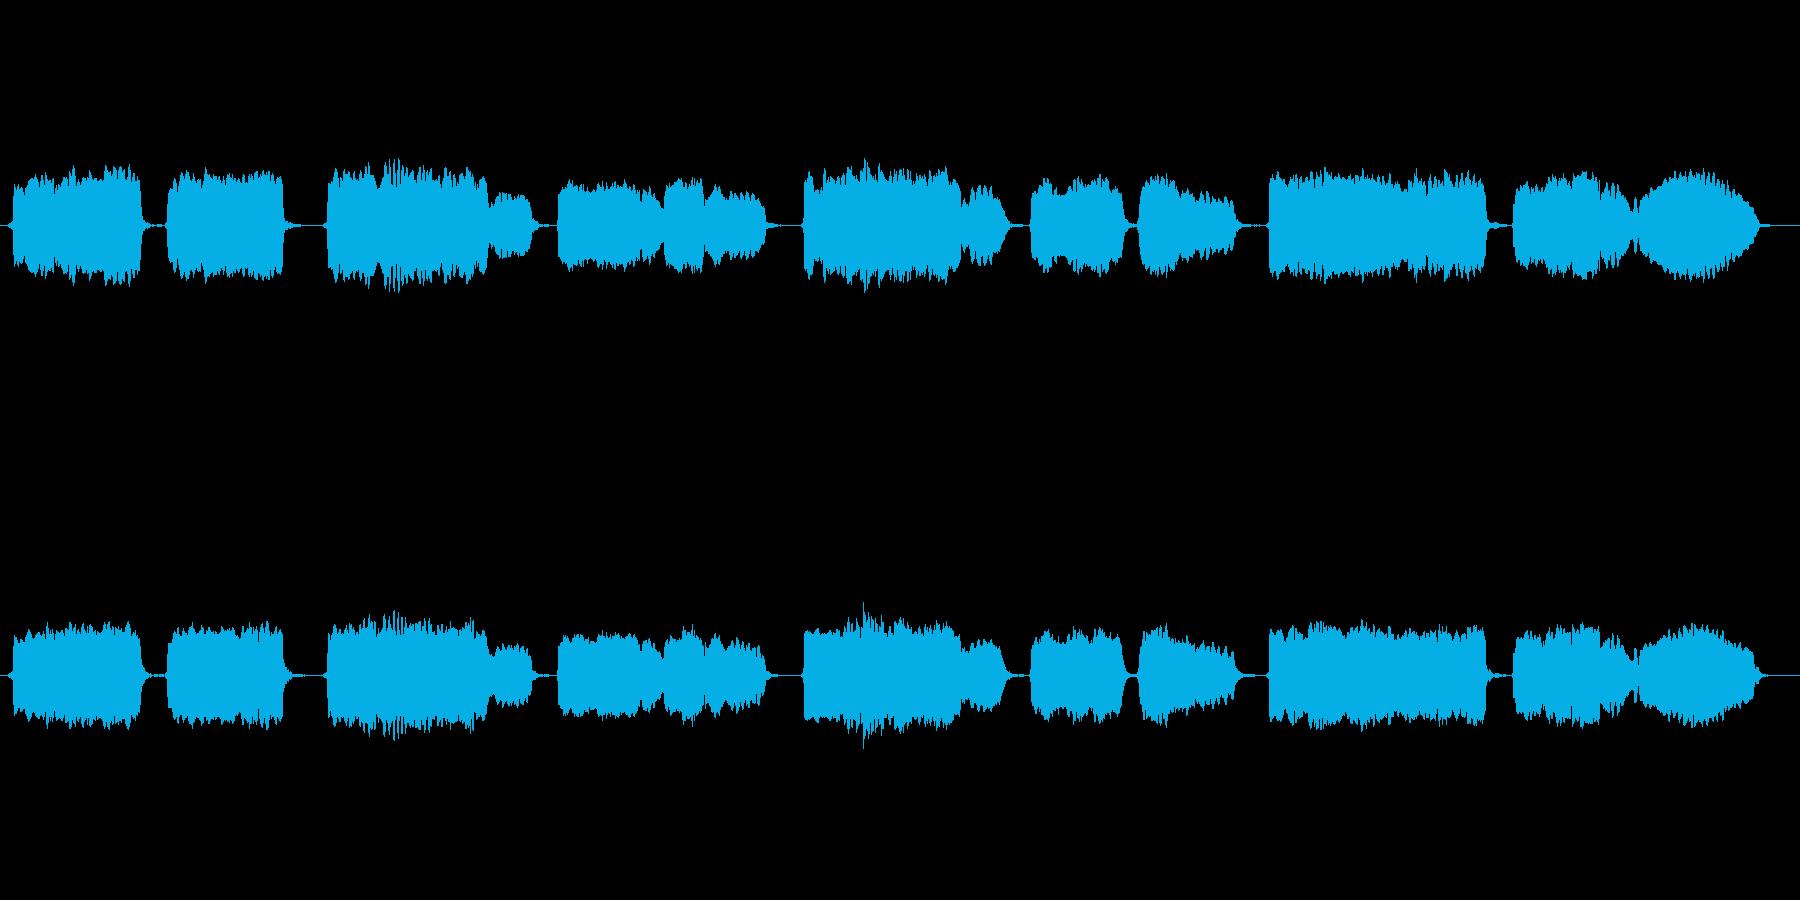 日本古謡「さくらさくら」の篠笛独奏の再生済みの波形